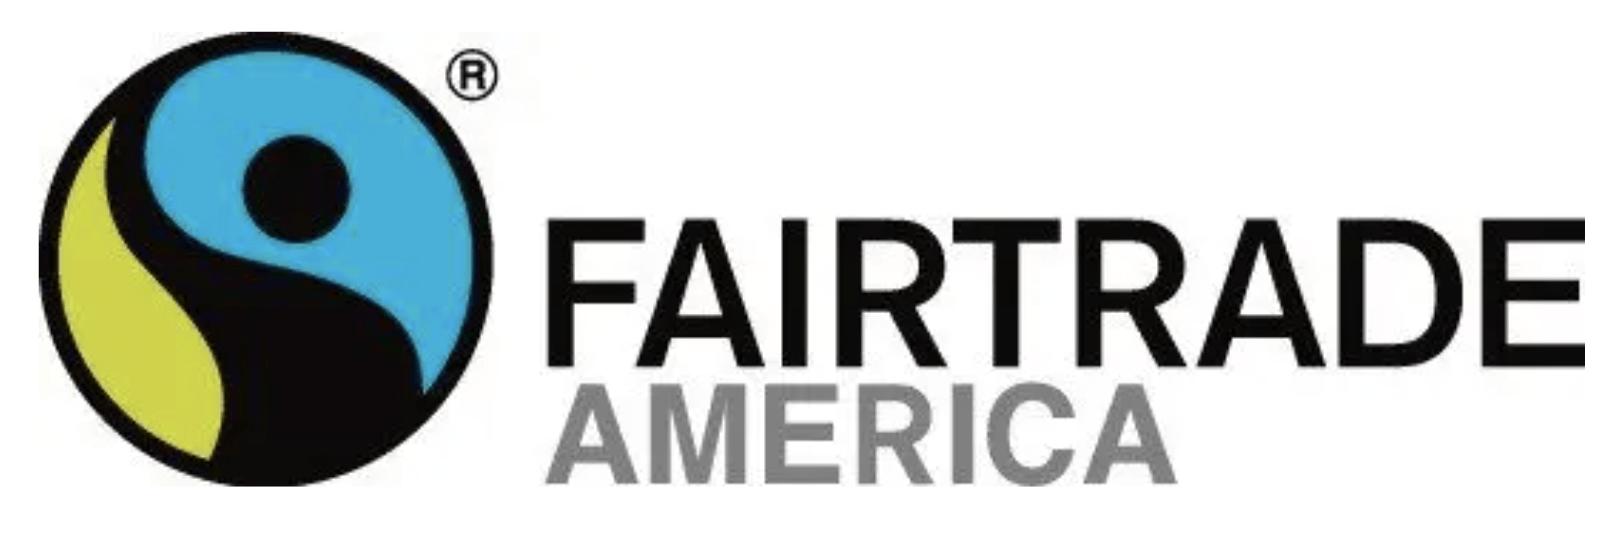 fairtrade america logo